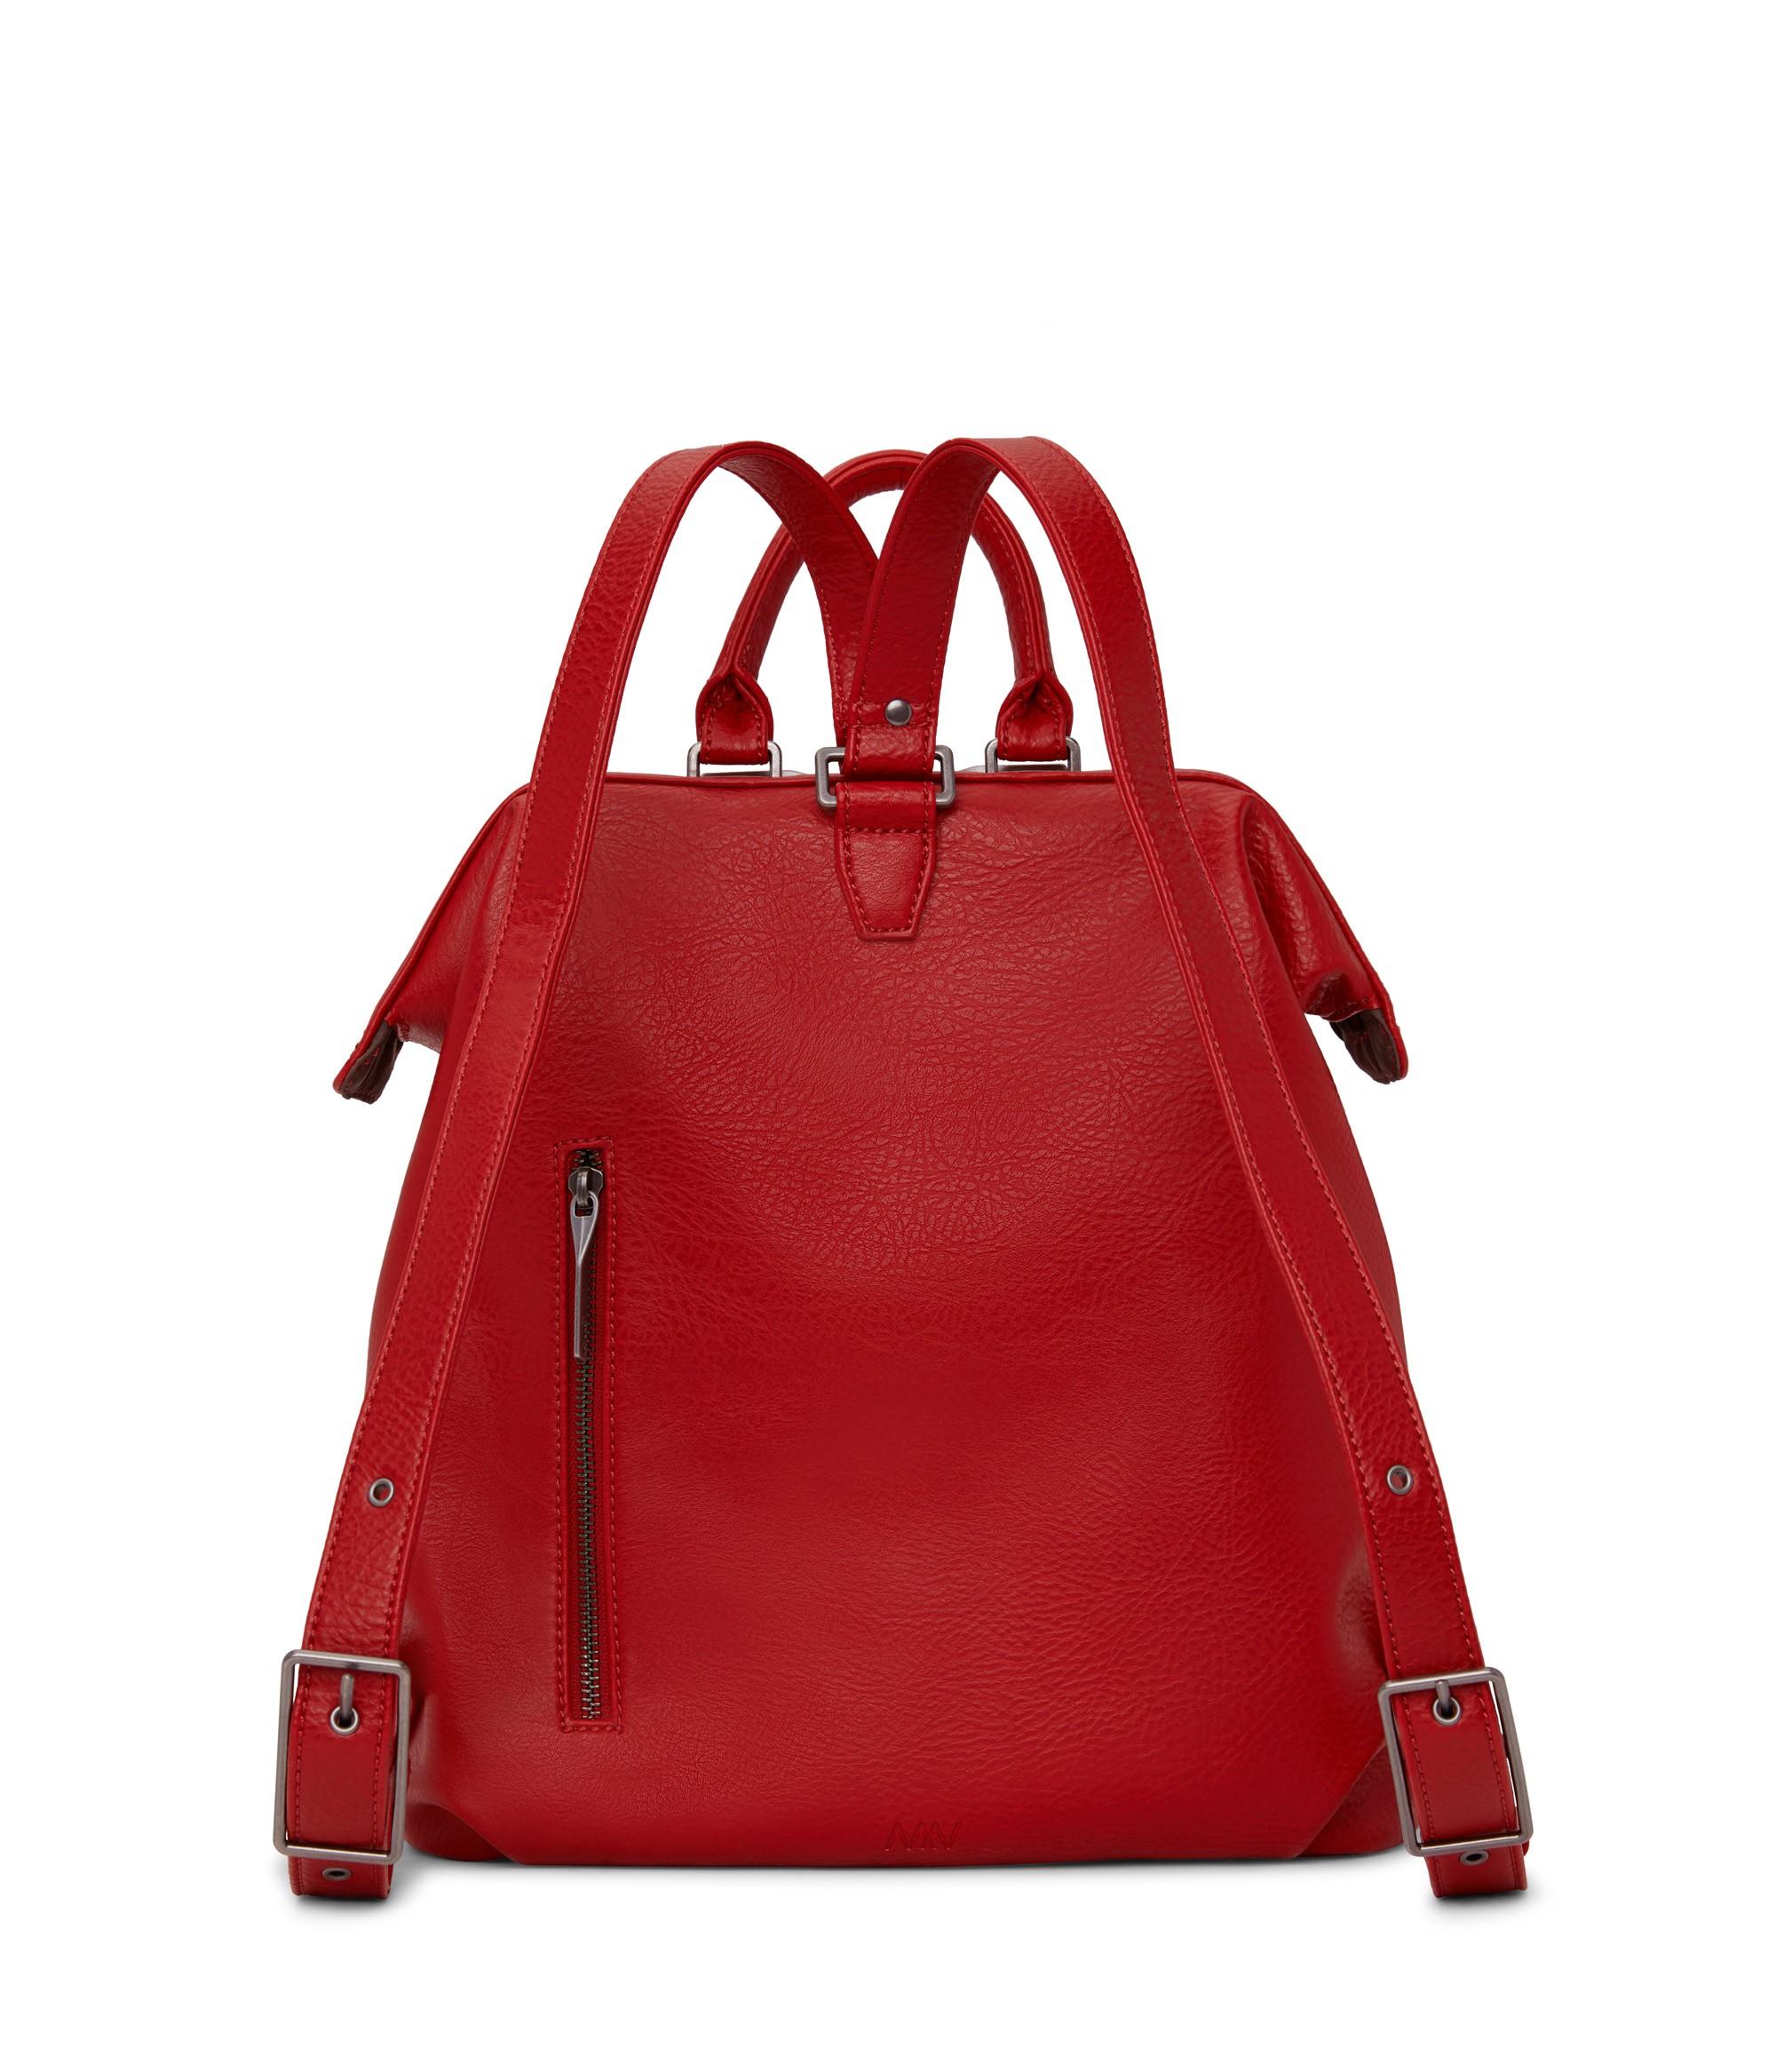 Matt & Natt Vignelli Backpack red 4536